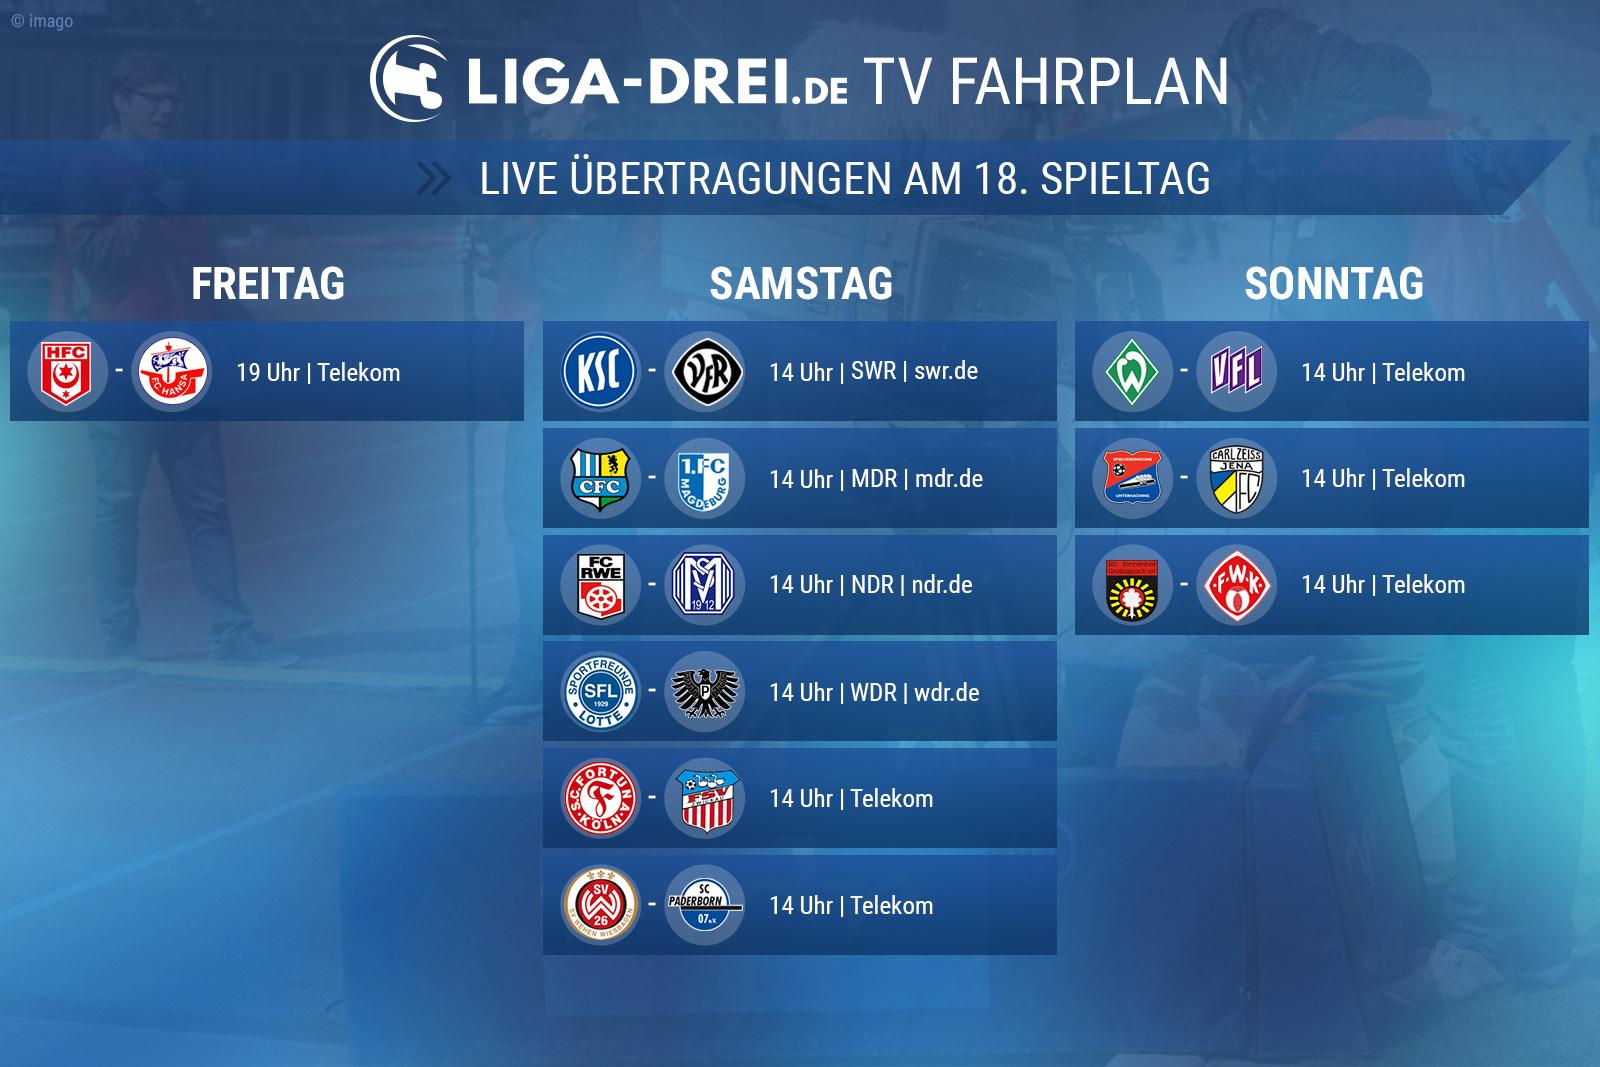 TV Fahrplan für den 18. Spieltag